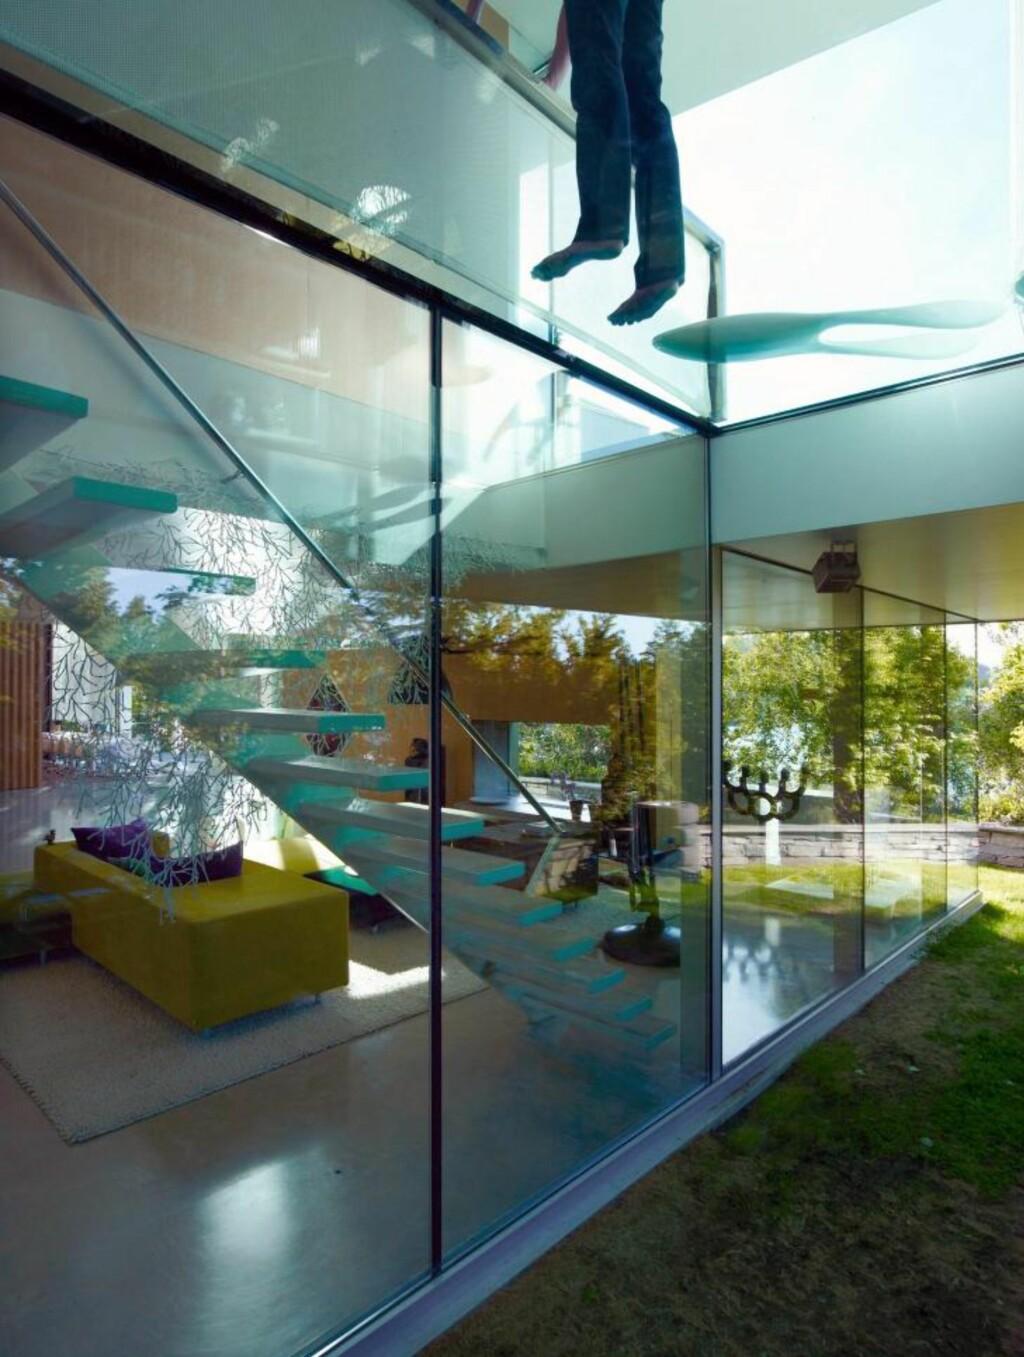 KONTAKT MED LANDSKAPET: Med hovedstue og oppholdsrom med glass til alle kanter går interiørene i ett med naturen utenfor.  Foto: Jeroen Musch